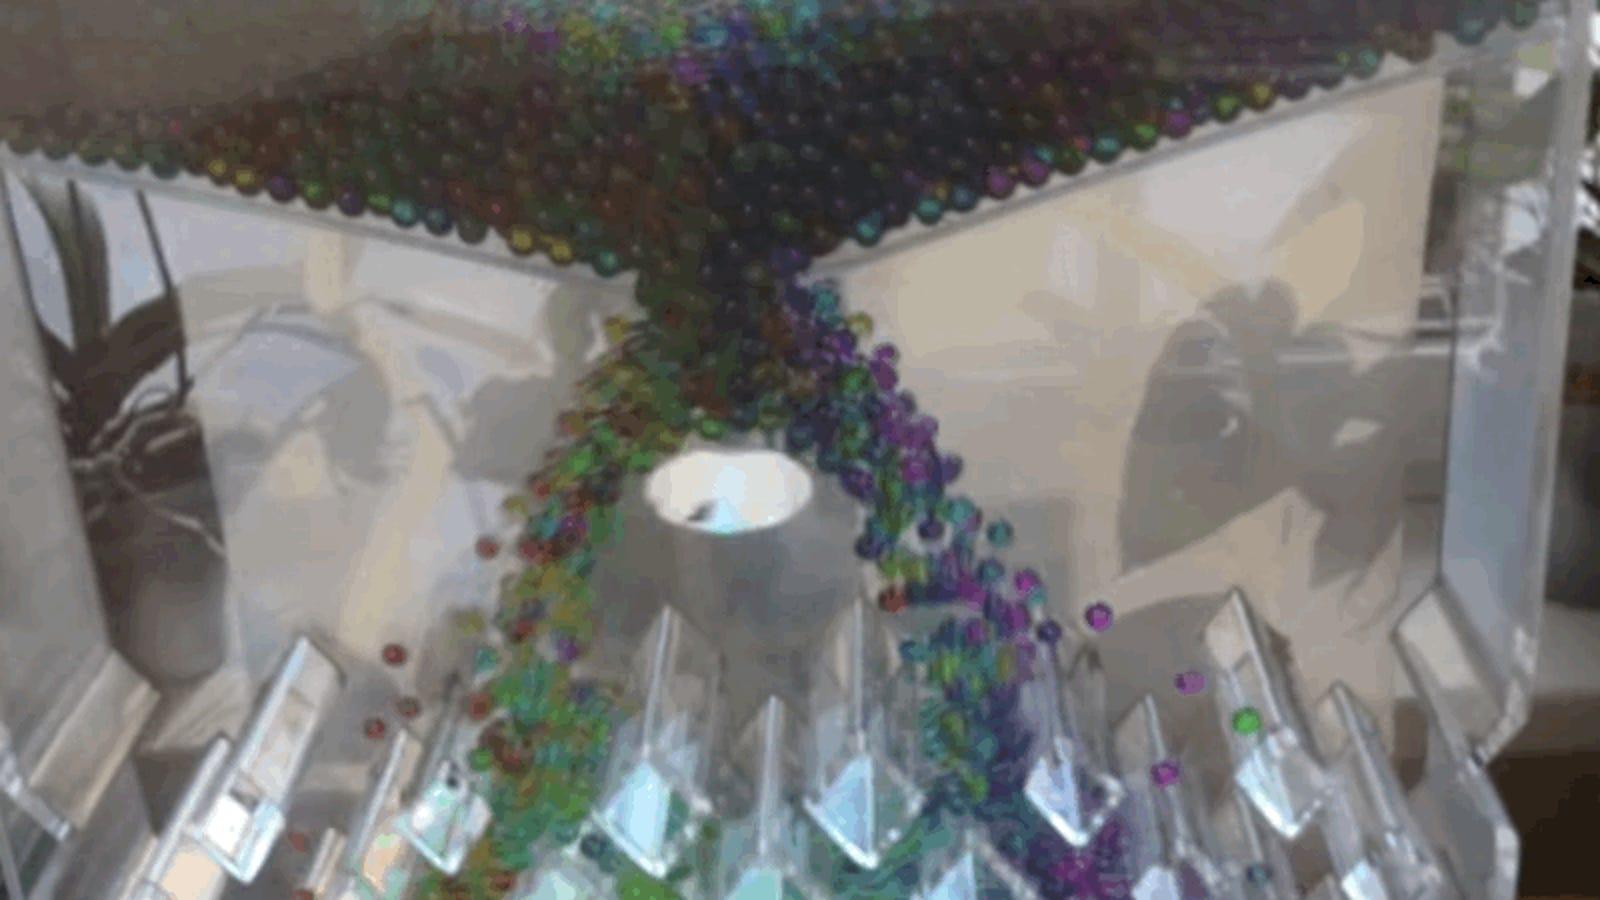 Cuál es el truco detrás de esta máquina viral que ordena bolitas de colores como por arte de magia